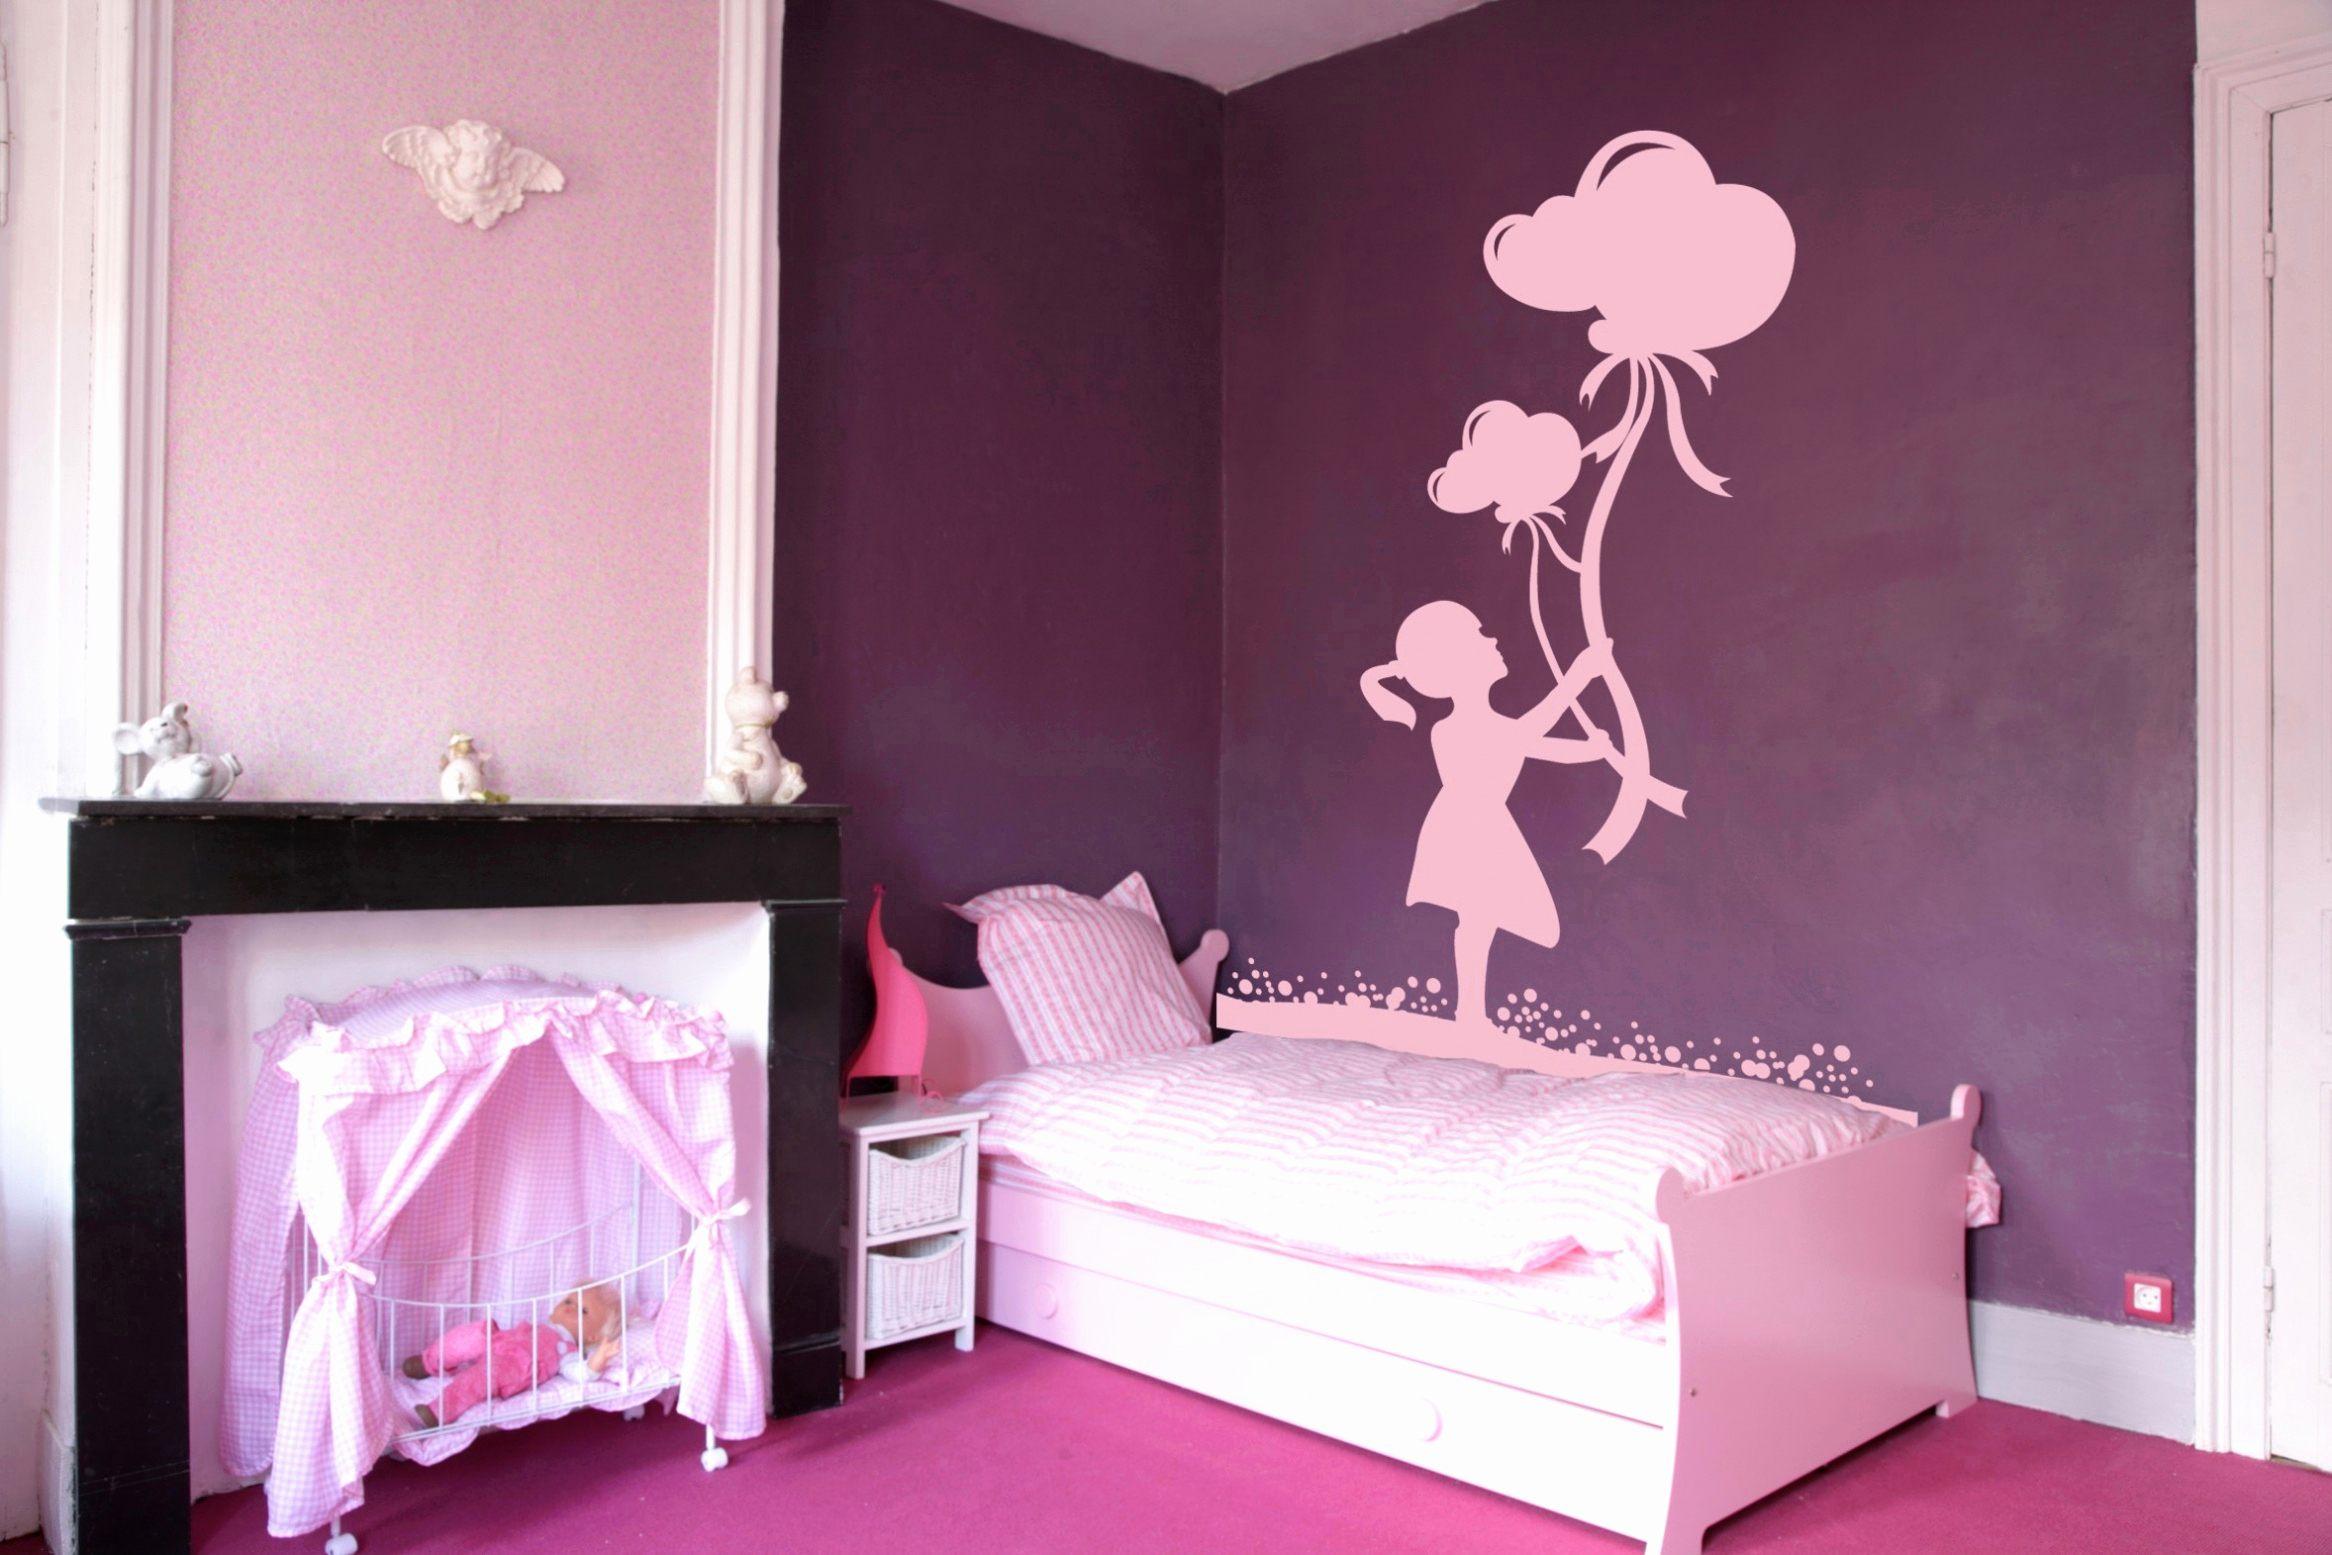 Lit Bébé Quax De Luxe Tapisserie Chambre Bébé Beau Chambre Bébé Fille Gris Et Rose Beau